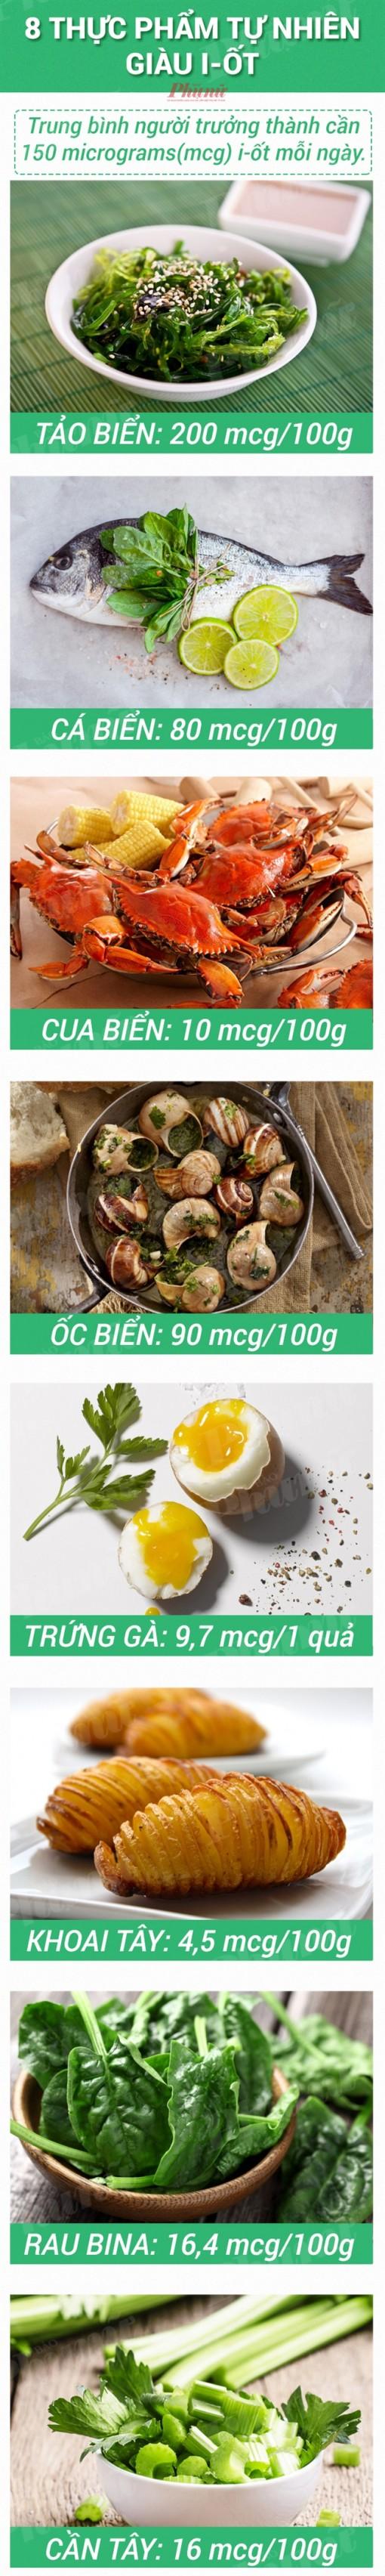 8 thực phẩm tự nhiên giàu i-ốt